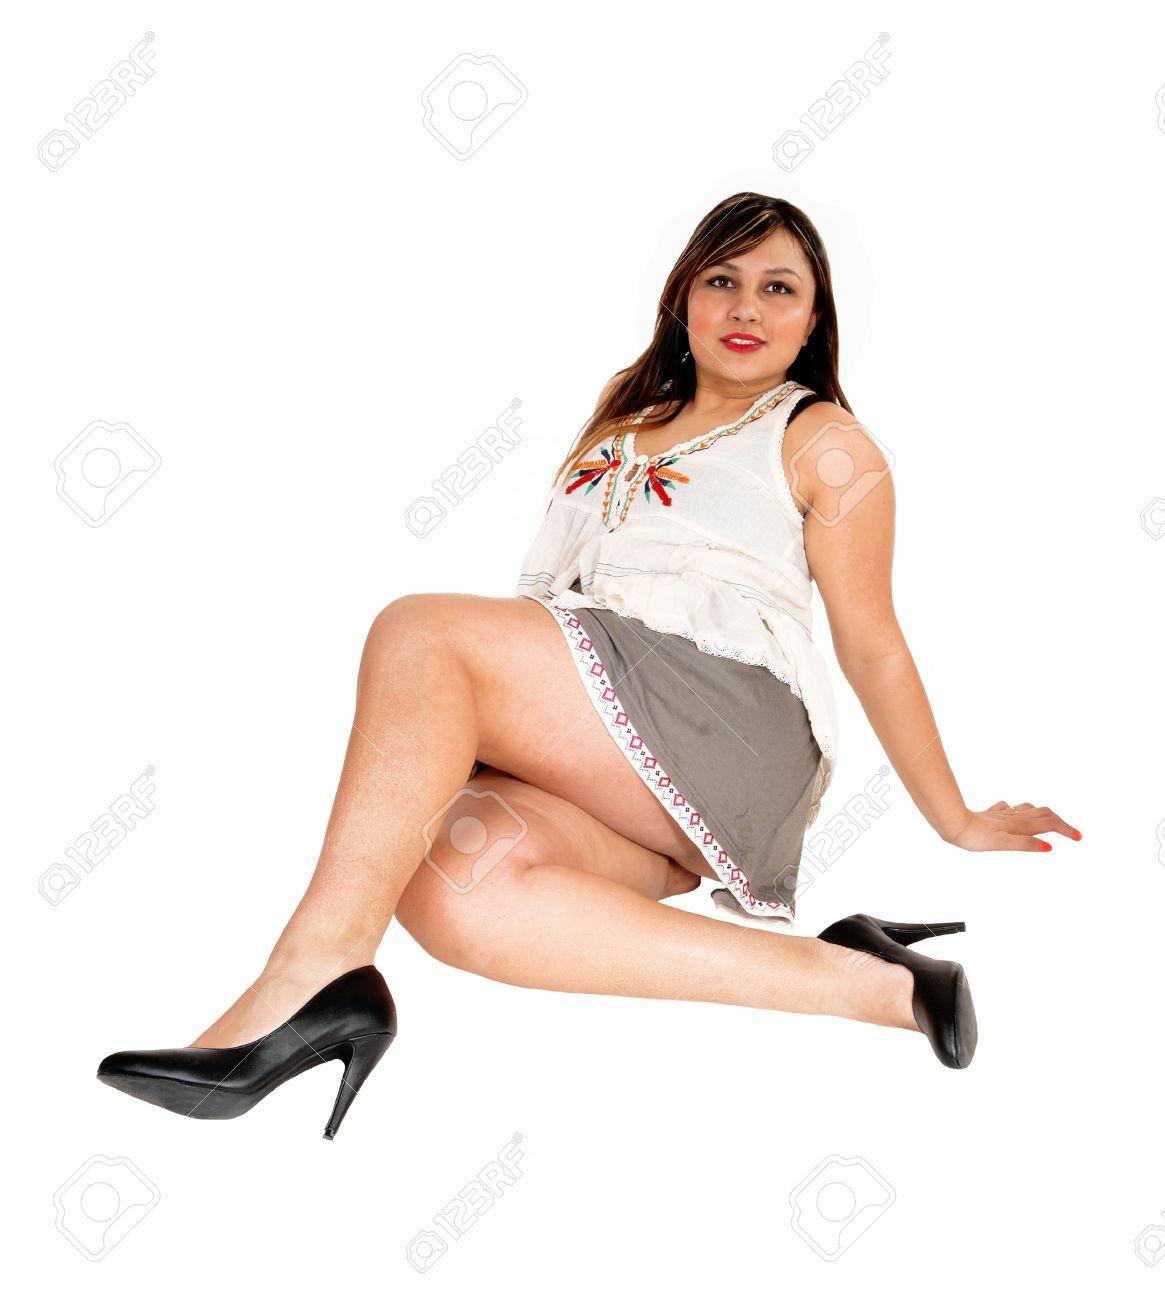 Sur Talons Une Pour Fond Blanc Femme Et Courte Grise Jeune Dans Hauts ThefloorIsolé Jupe Jolie Assis 6bfg7vYy